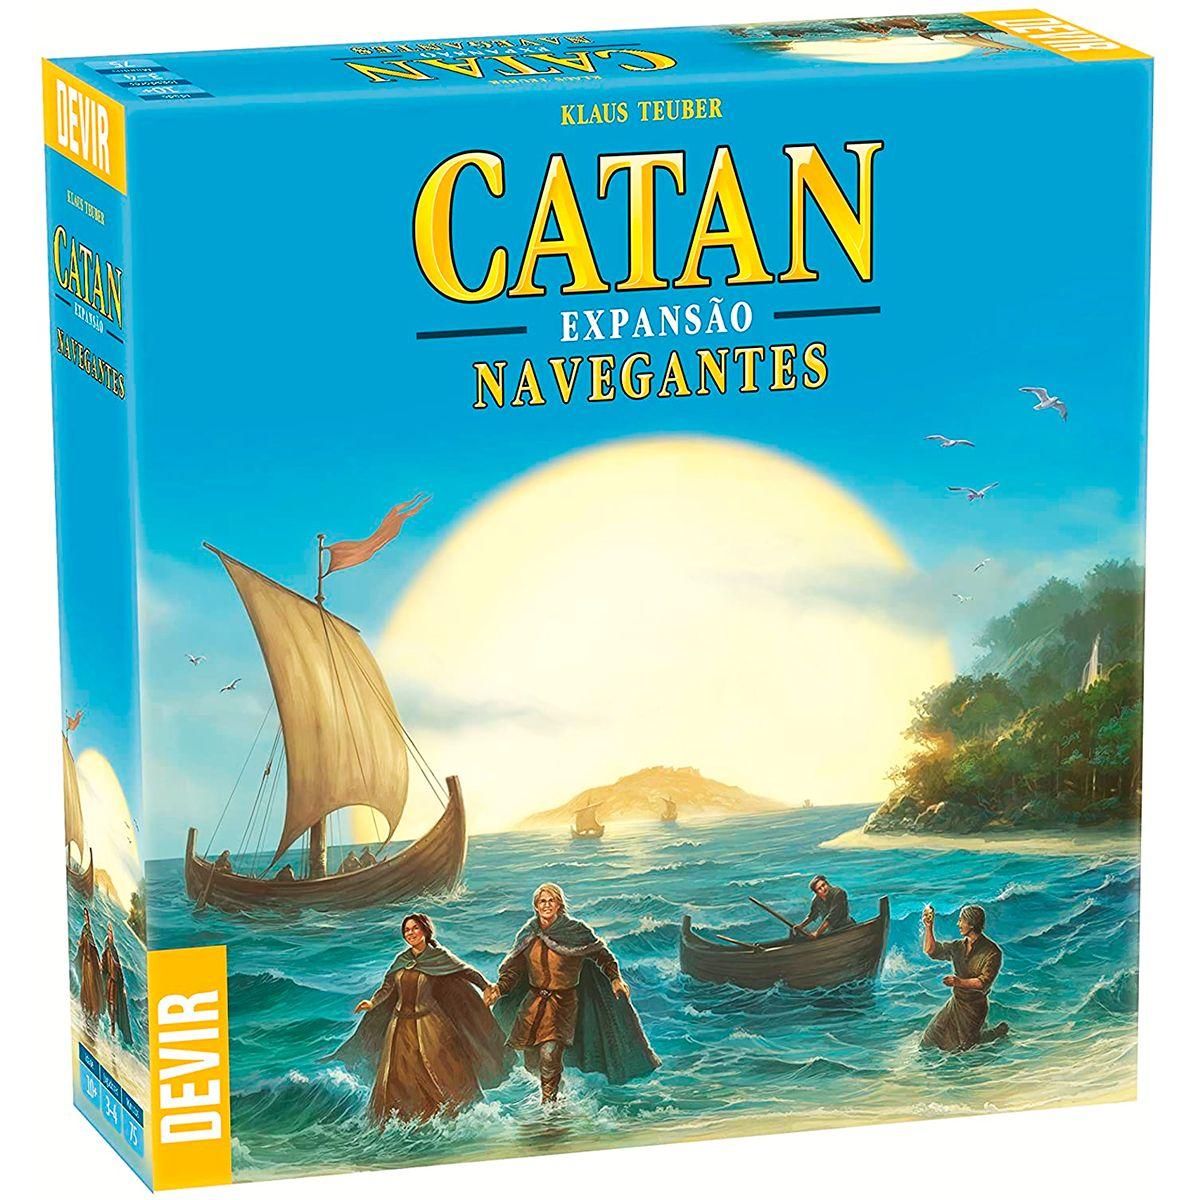 Catan Navegantes Expansão Jogo De Tabuleiro